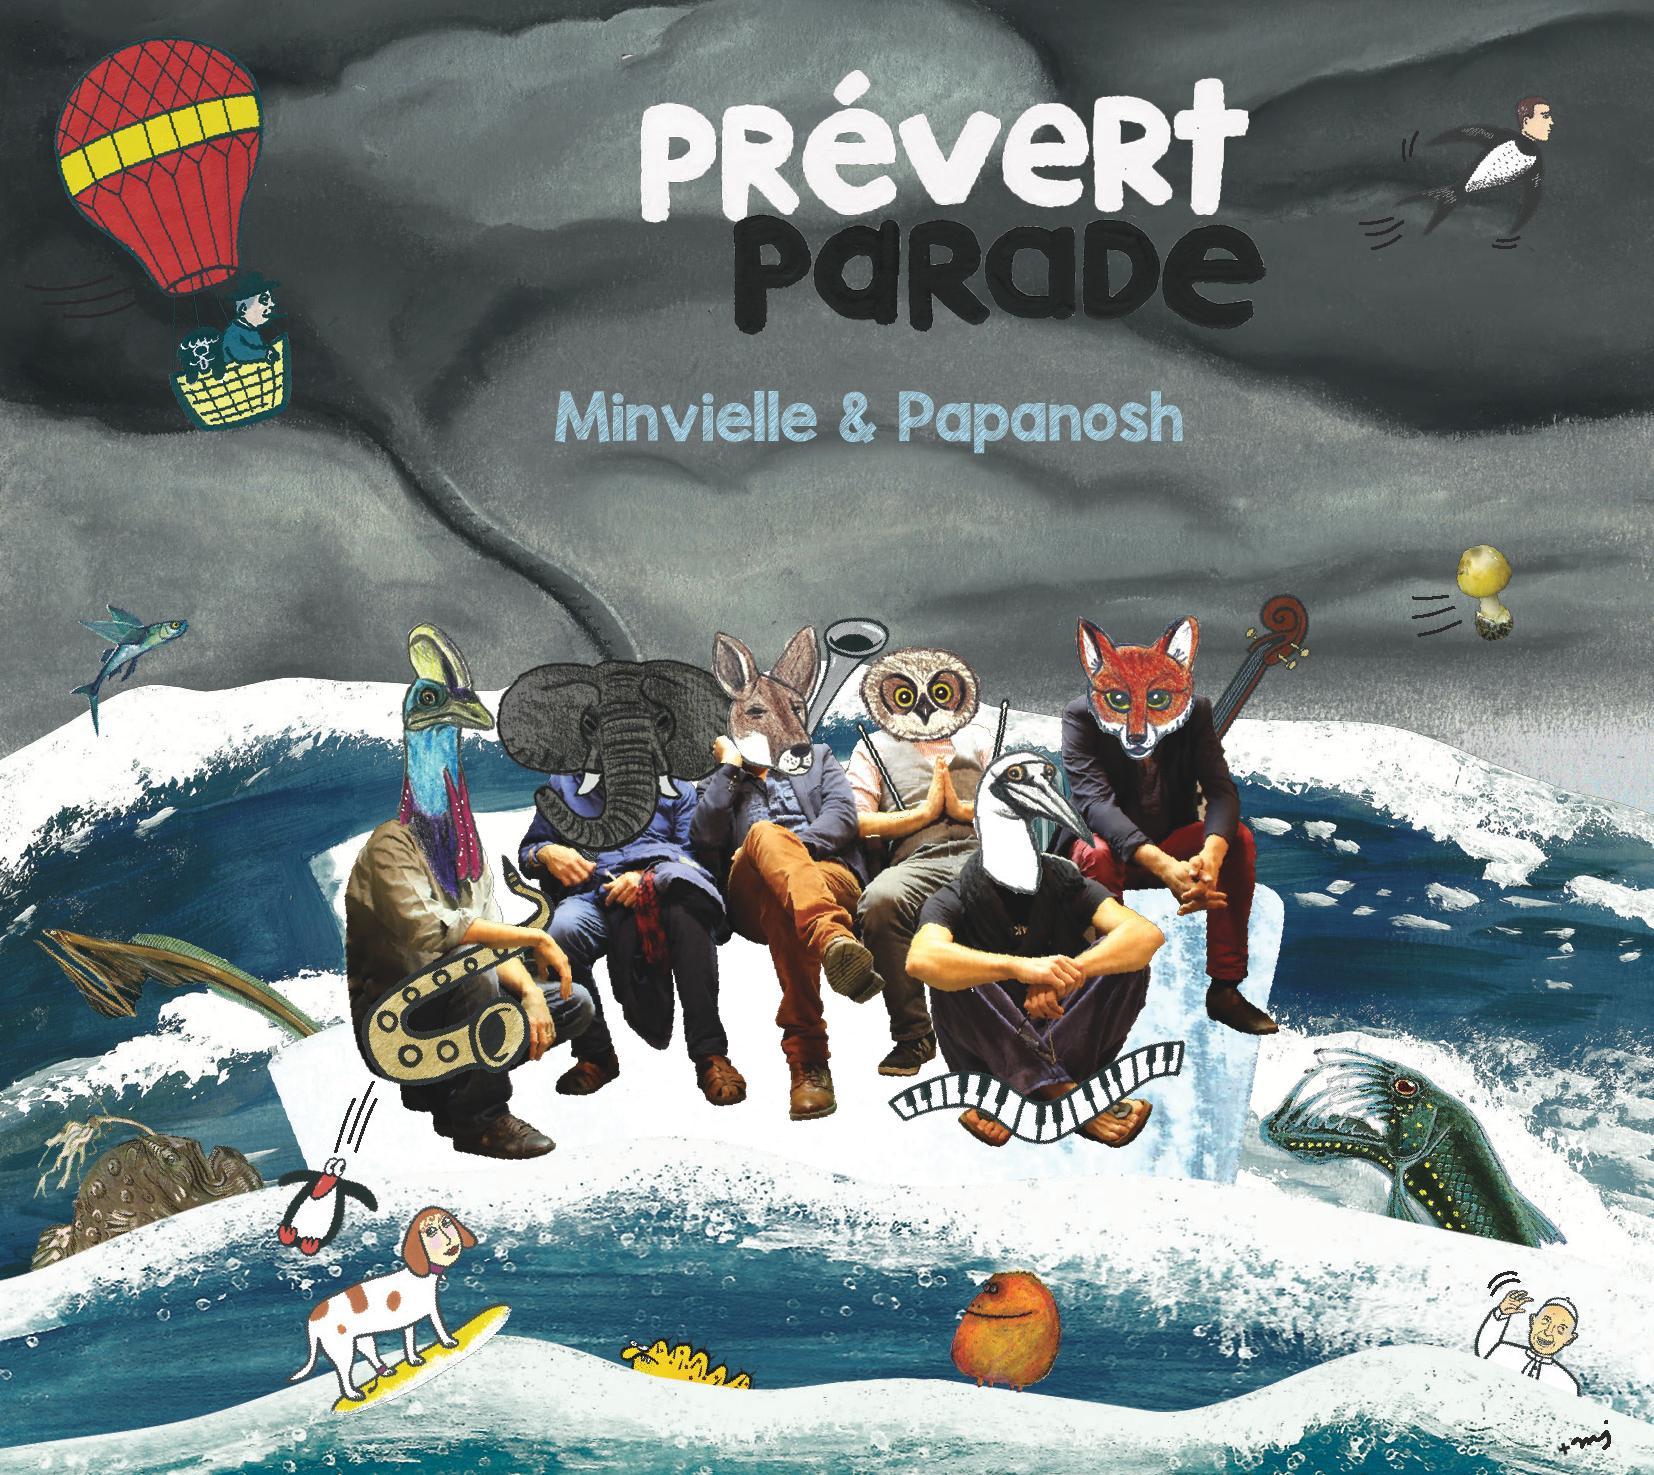 Pochette de disque Prévert Parade